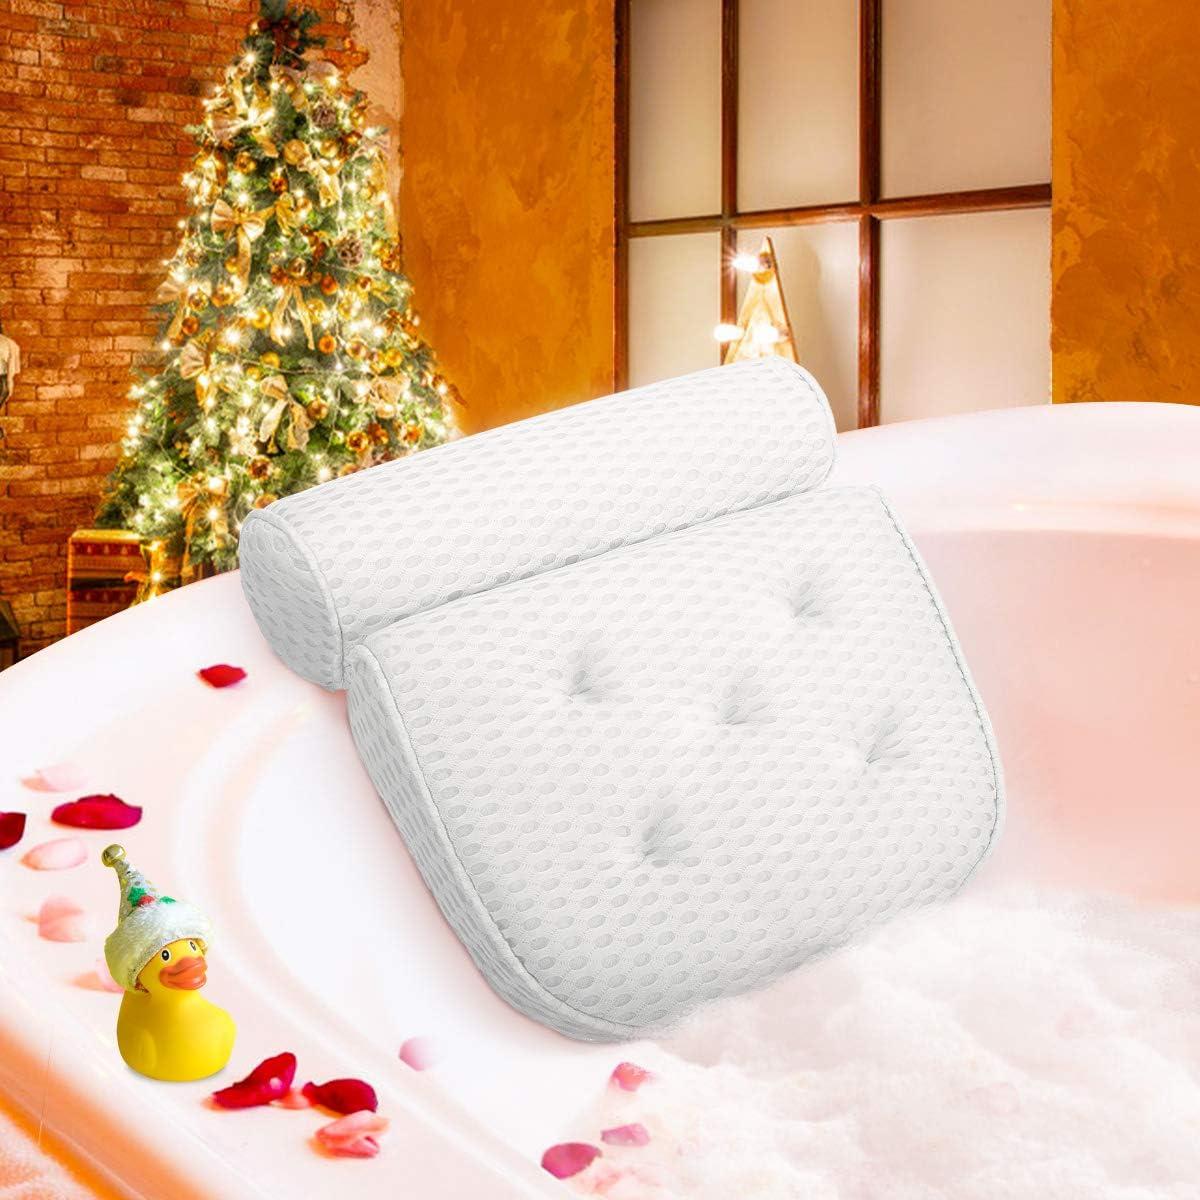 Essort Badewannenkissen, 4D-Air-Mesh-Technologie Komfort badewanne kopfkissen mit 5 Saugnäpfen ist weich und atmungsaktiv badewanne nackenpolste für Home Spa Whirlpools Weiß